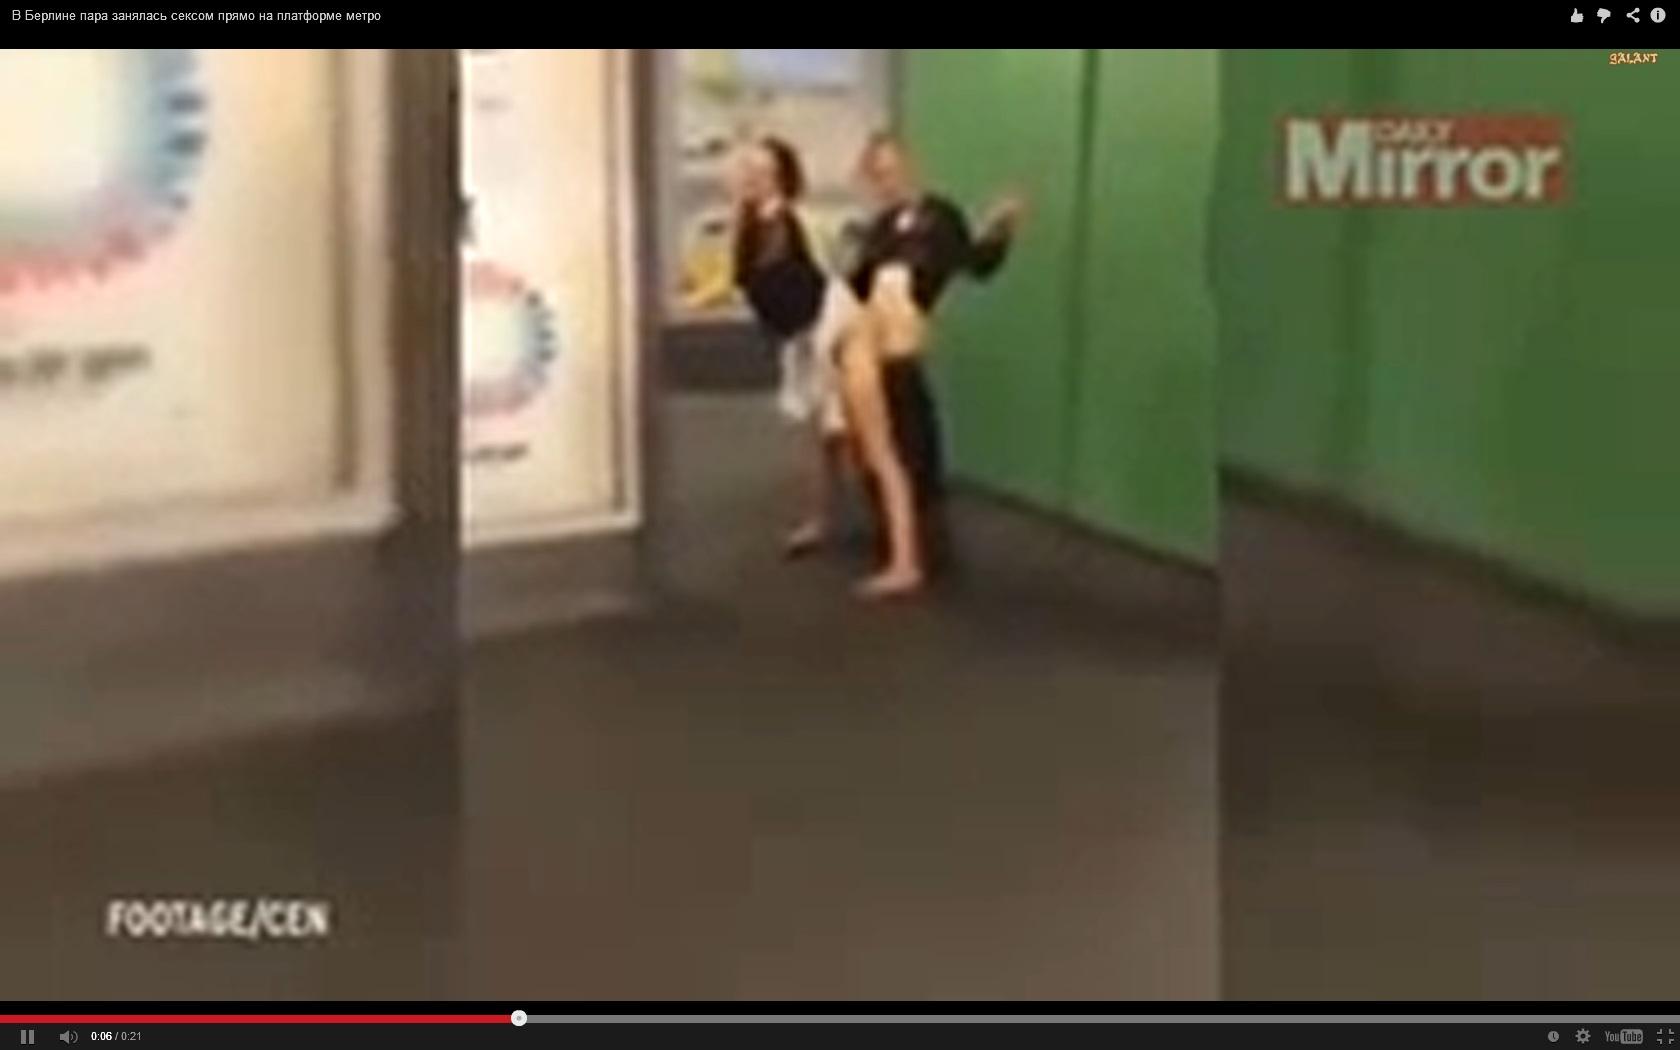 В берлинской подземке пара занимается сексом видео